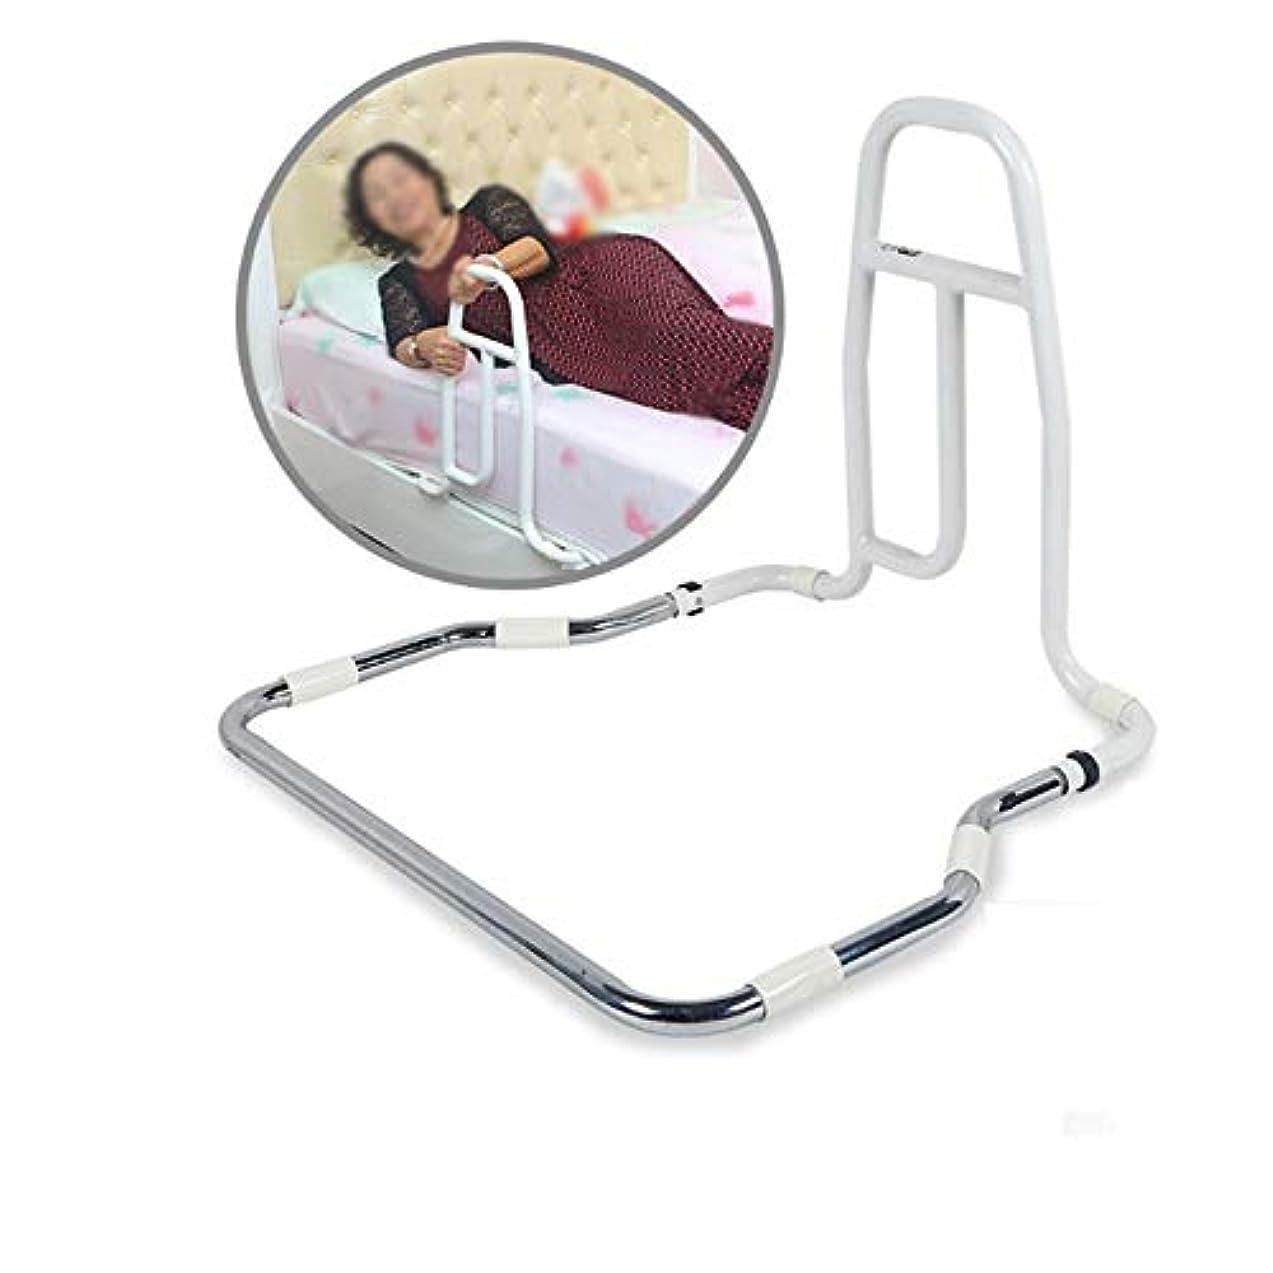 を通してスラダムパンダベッドグラブレール、安全な高さ調節可能なレール、ベッドの出入りを支援、安定補助具、高齢者用、身体障害者、障害者、ディバンベッドグラブハンドル